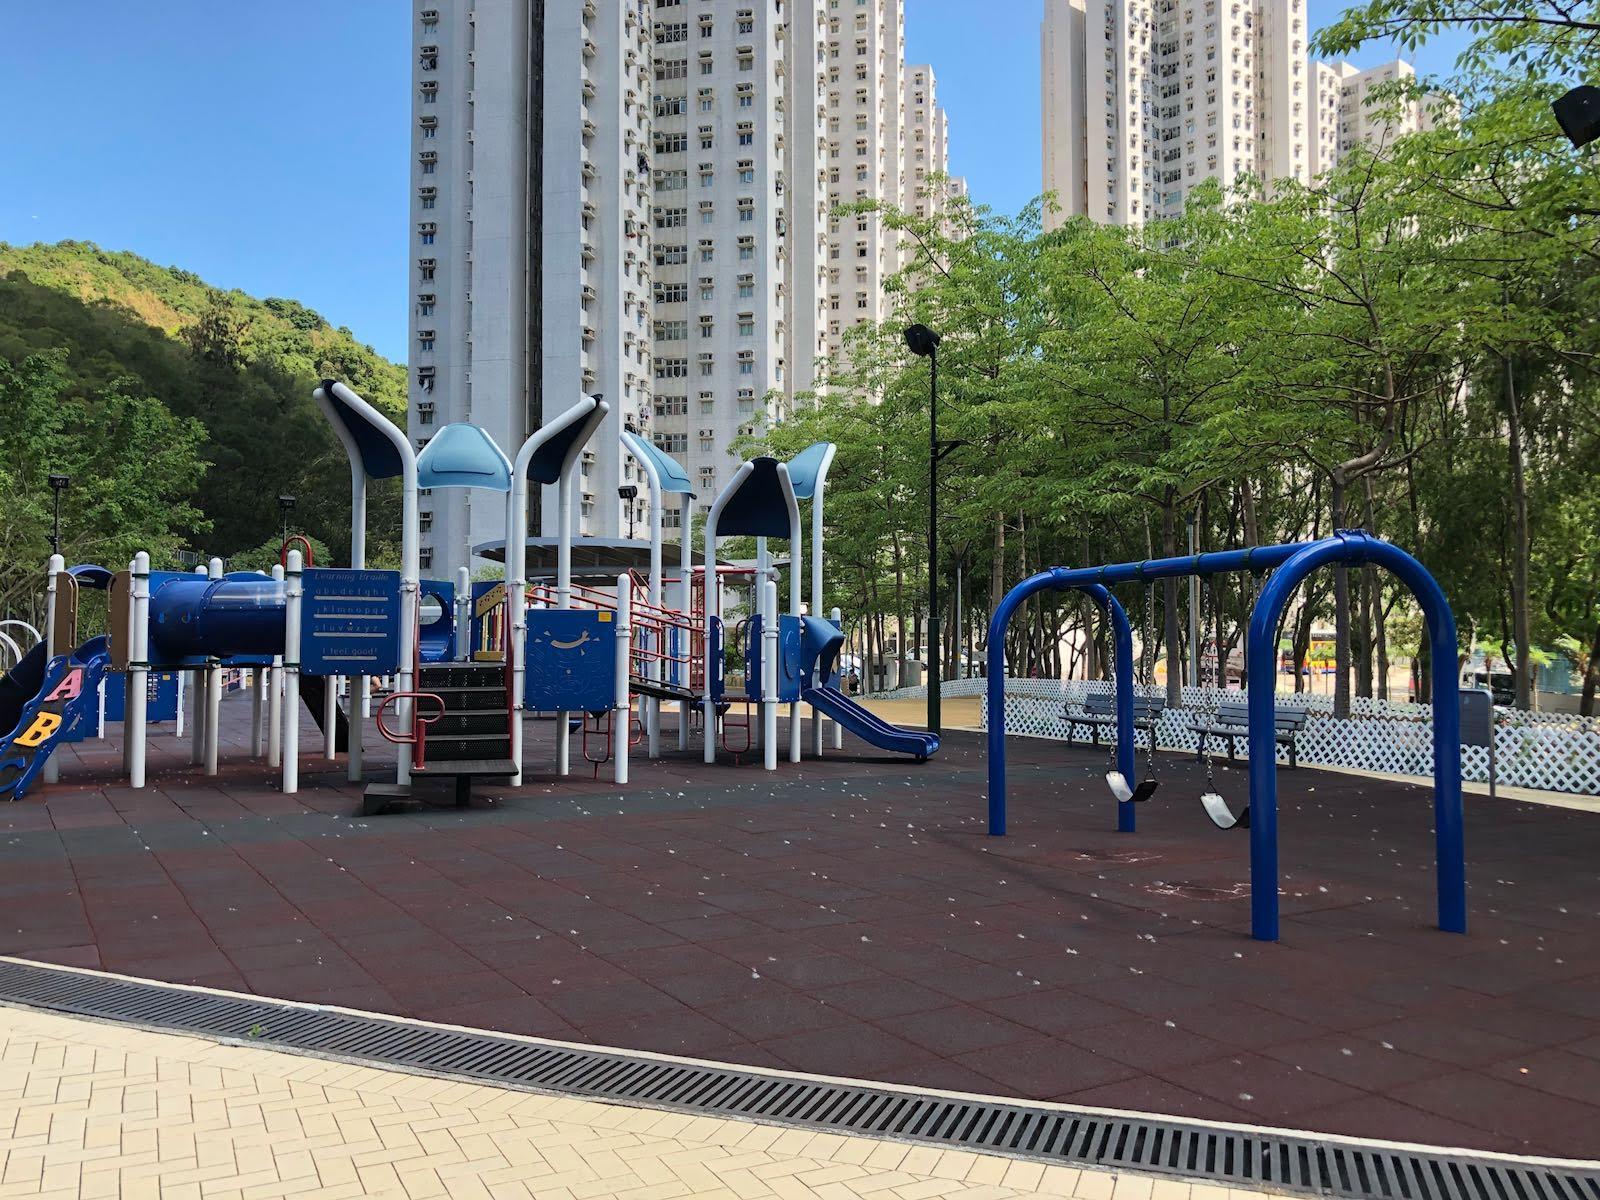 Siu Sai Wan Promenade's play area